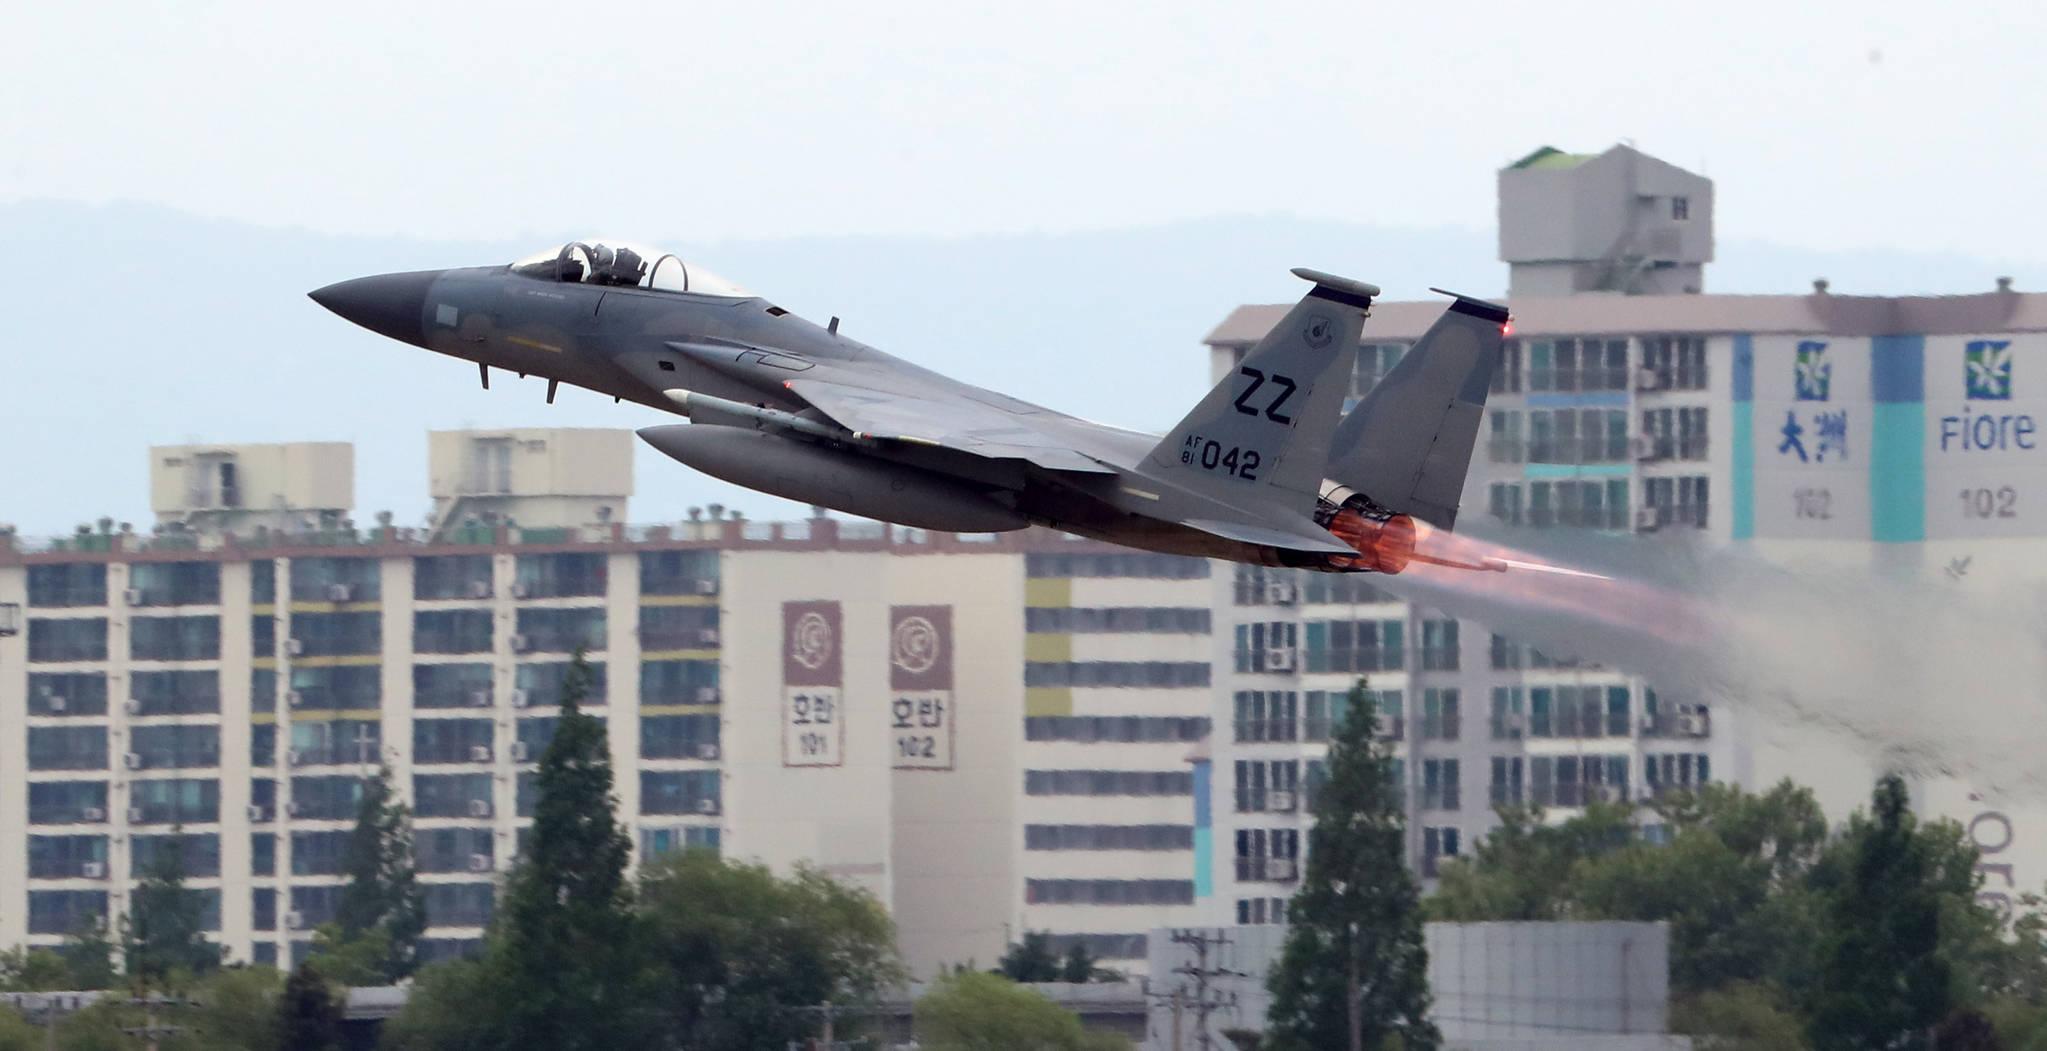 북한이 한·미 공군의 대규모 연합공중훈련인 '맥스선더'(Max Thunder) 훈련을 이유로 남북고위급회담을 전격 취소한 가운데, 16일 광주 공군 제1전투비행단 활주로에서 전투기가 이륙하고 있다. [연합뉴스]